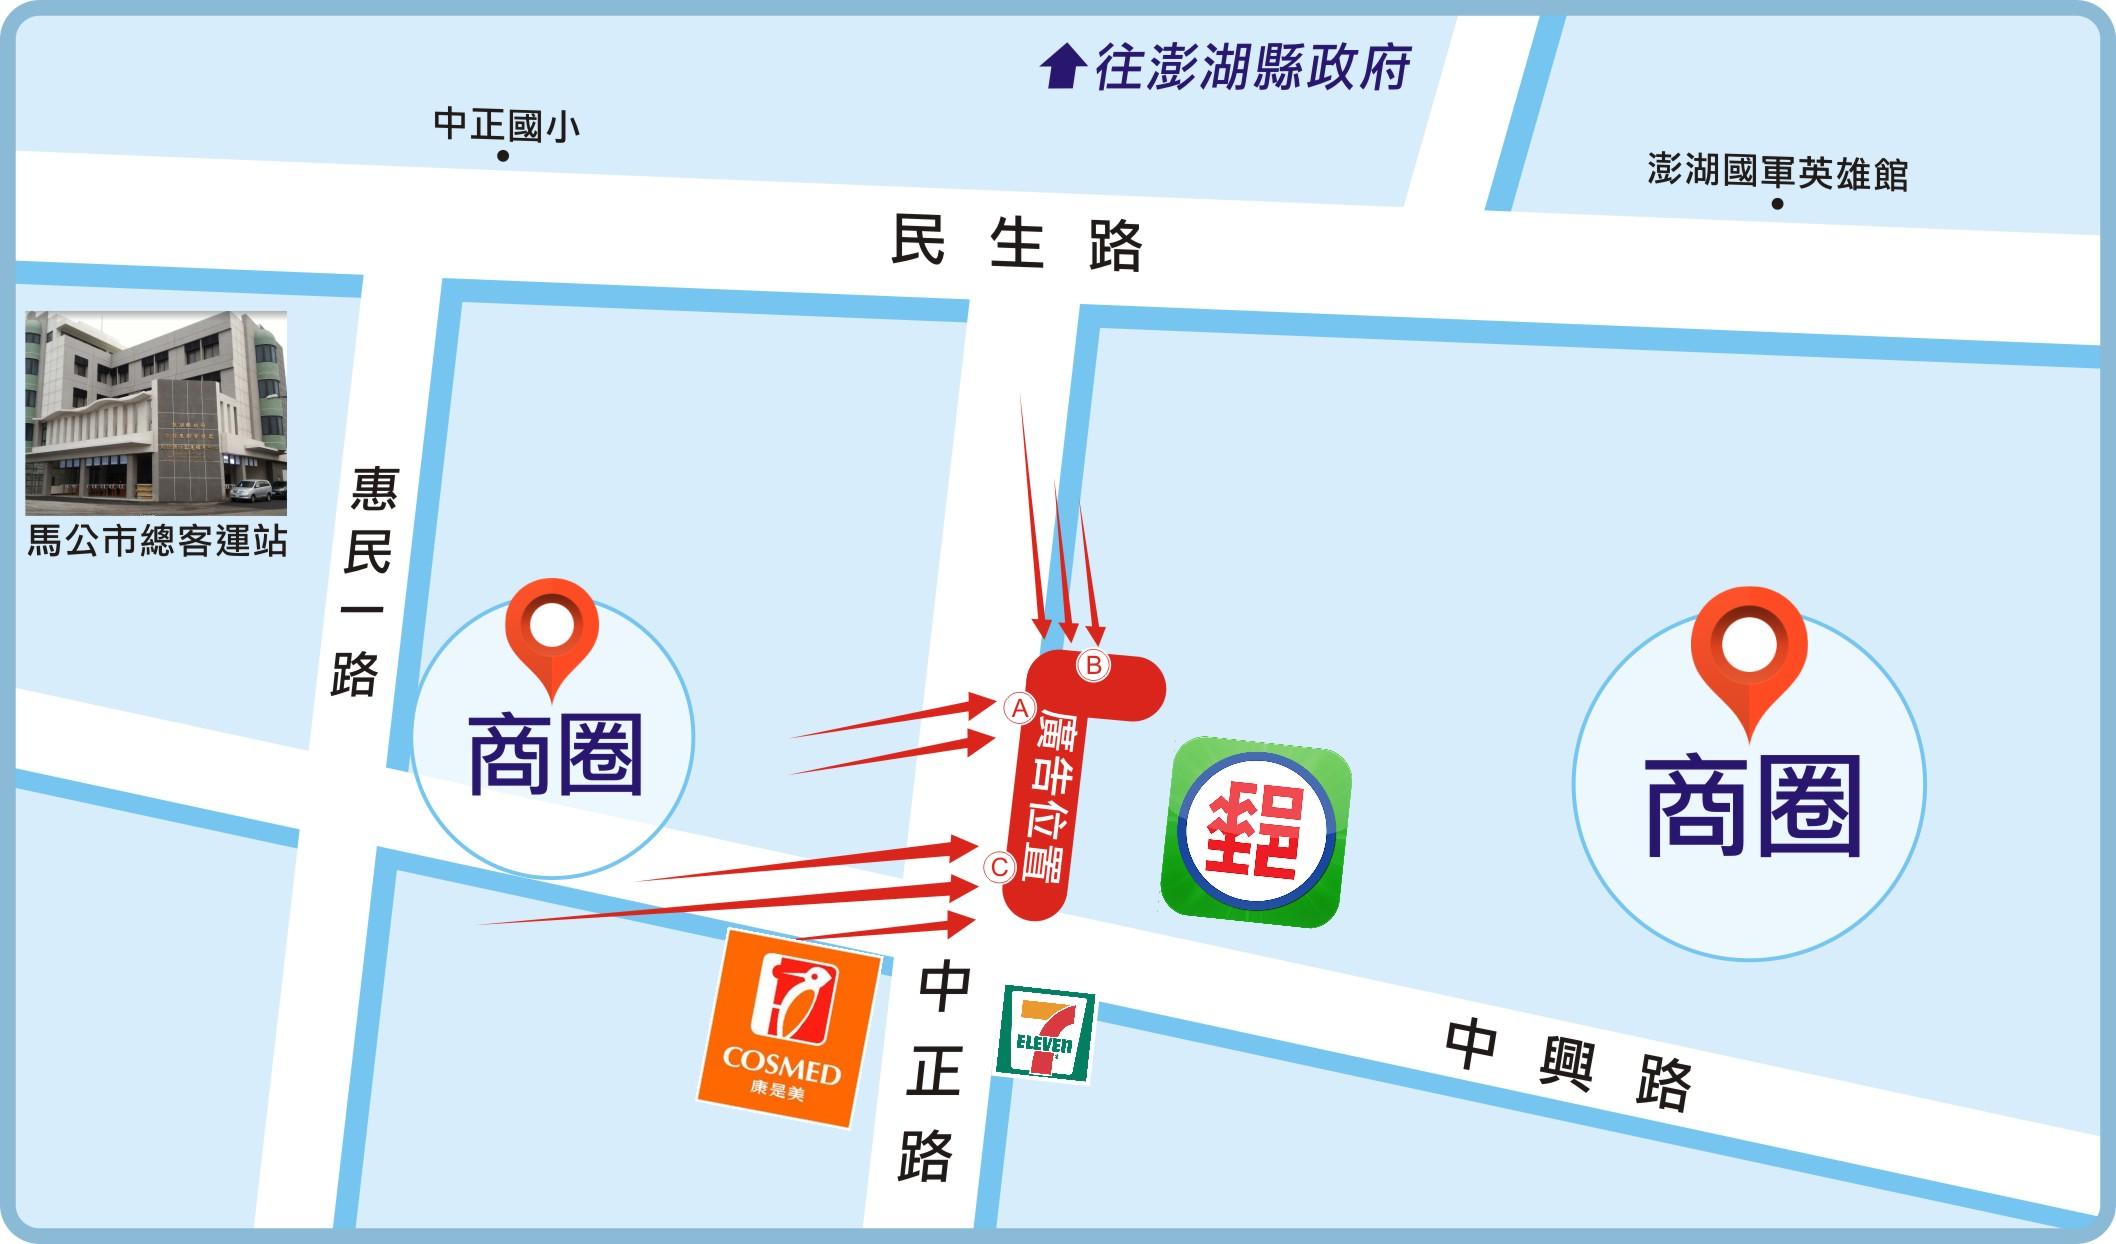 Y-0001C-澎縣馬公中正路郵局、十字路廣告醒目地點